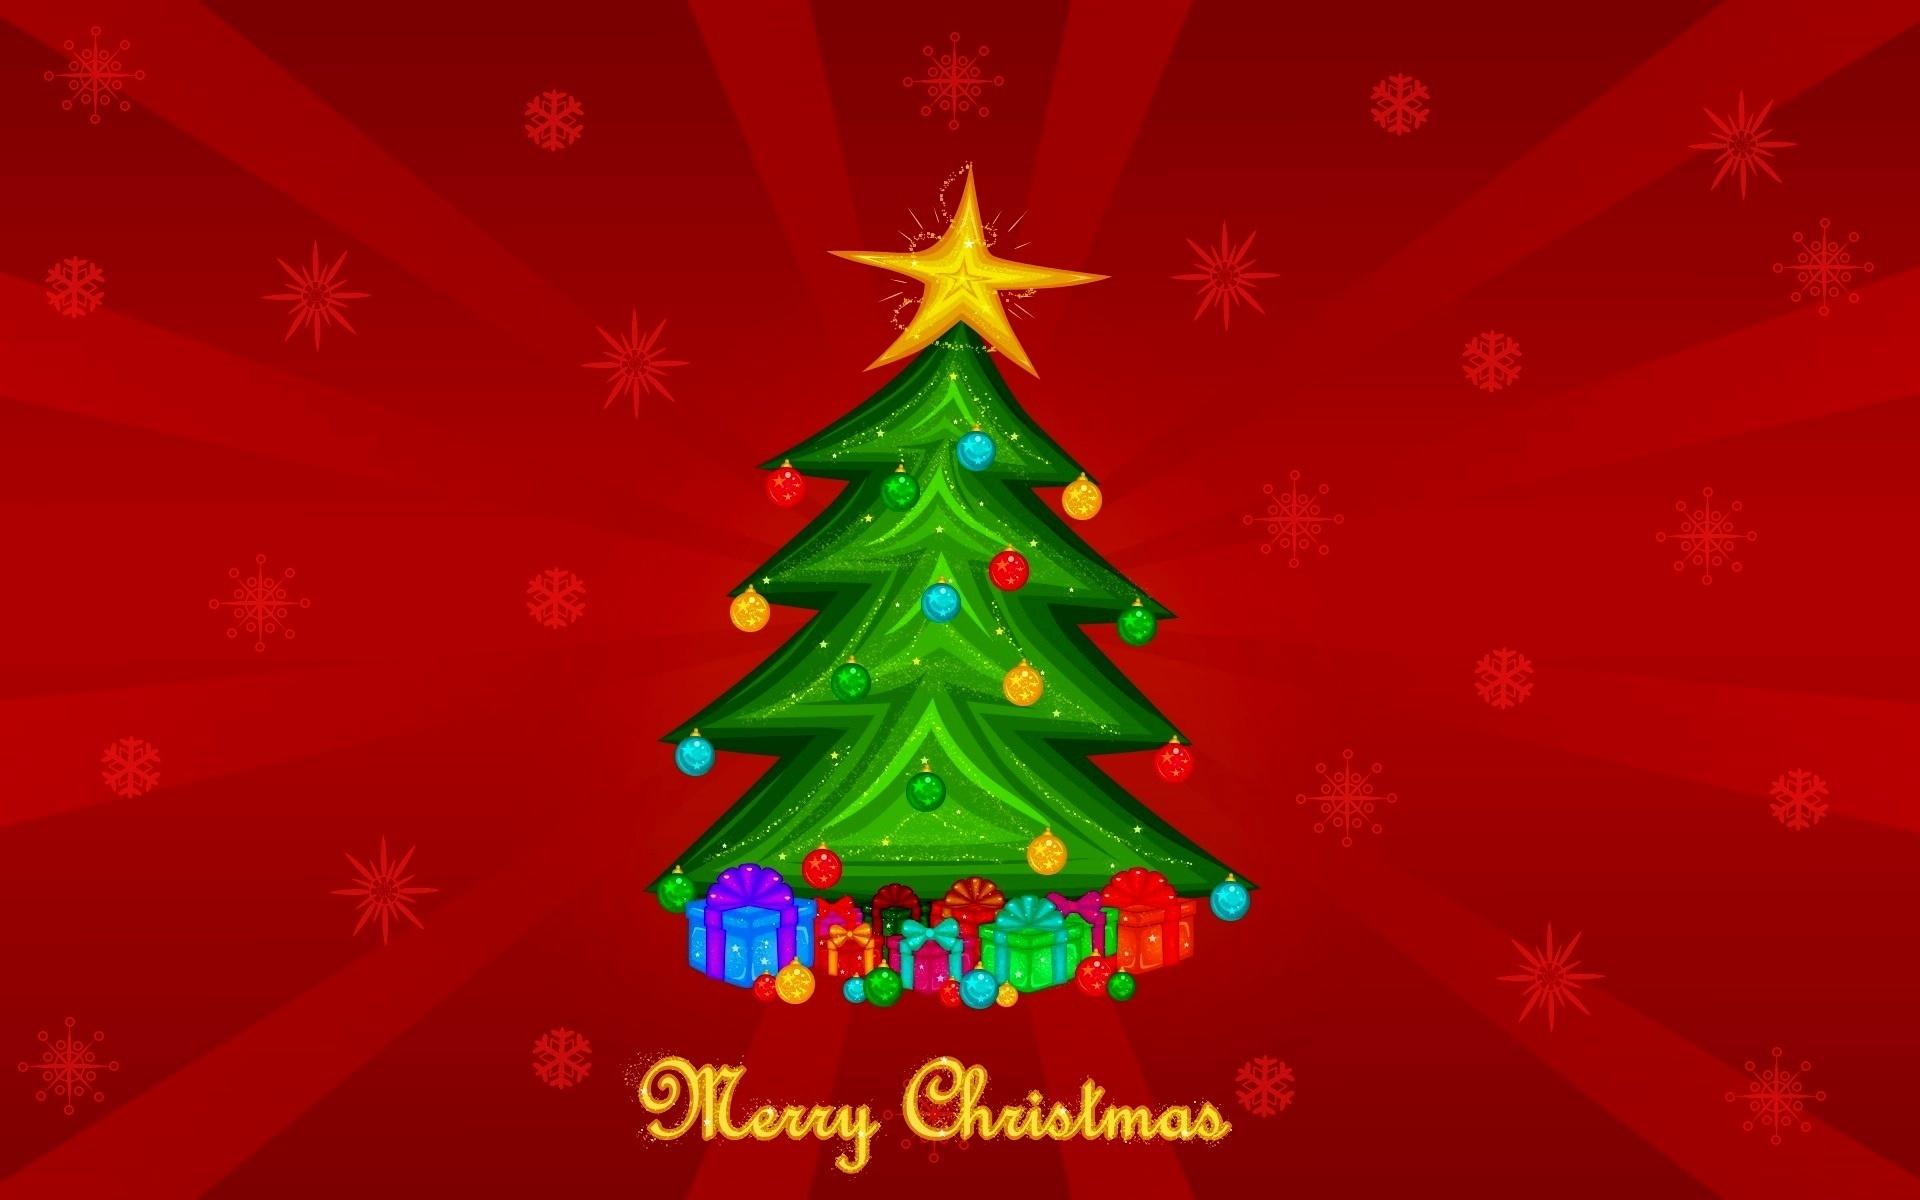 Открытка картинка новогодняя елка, анимация днем